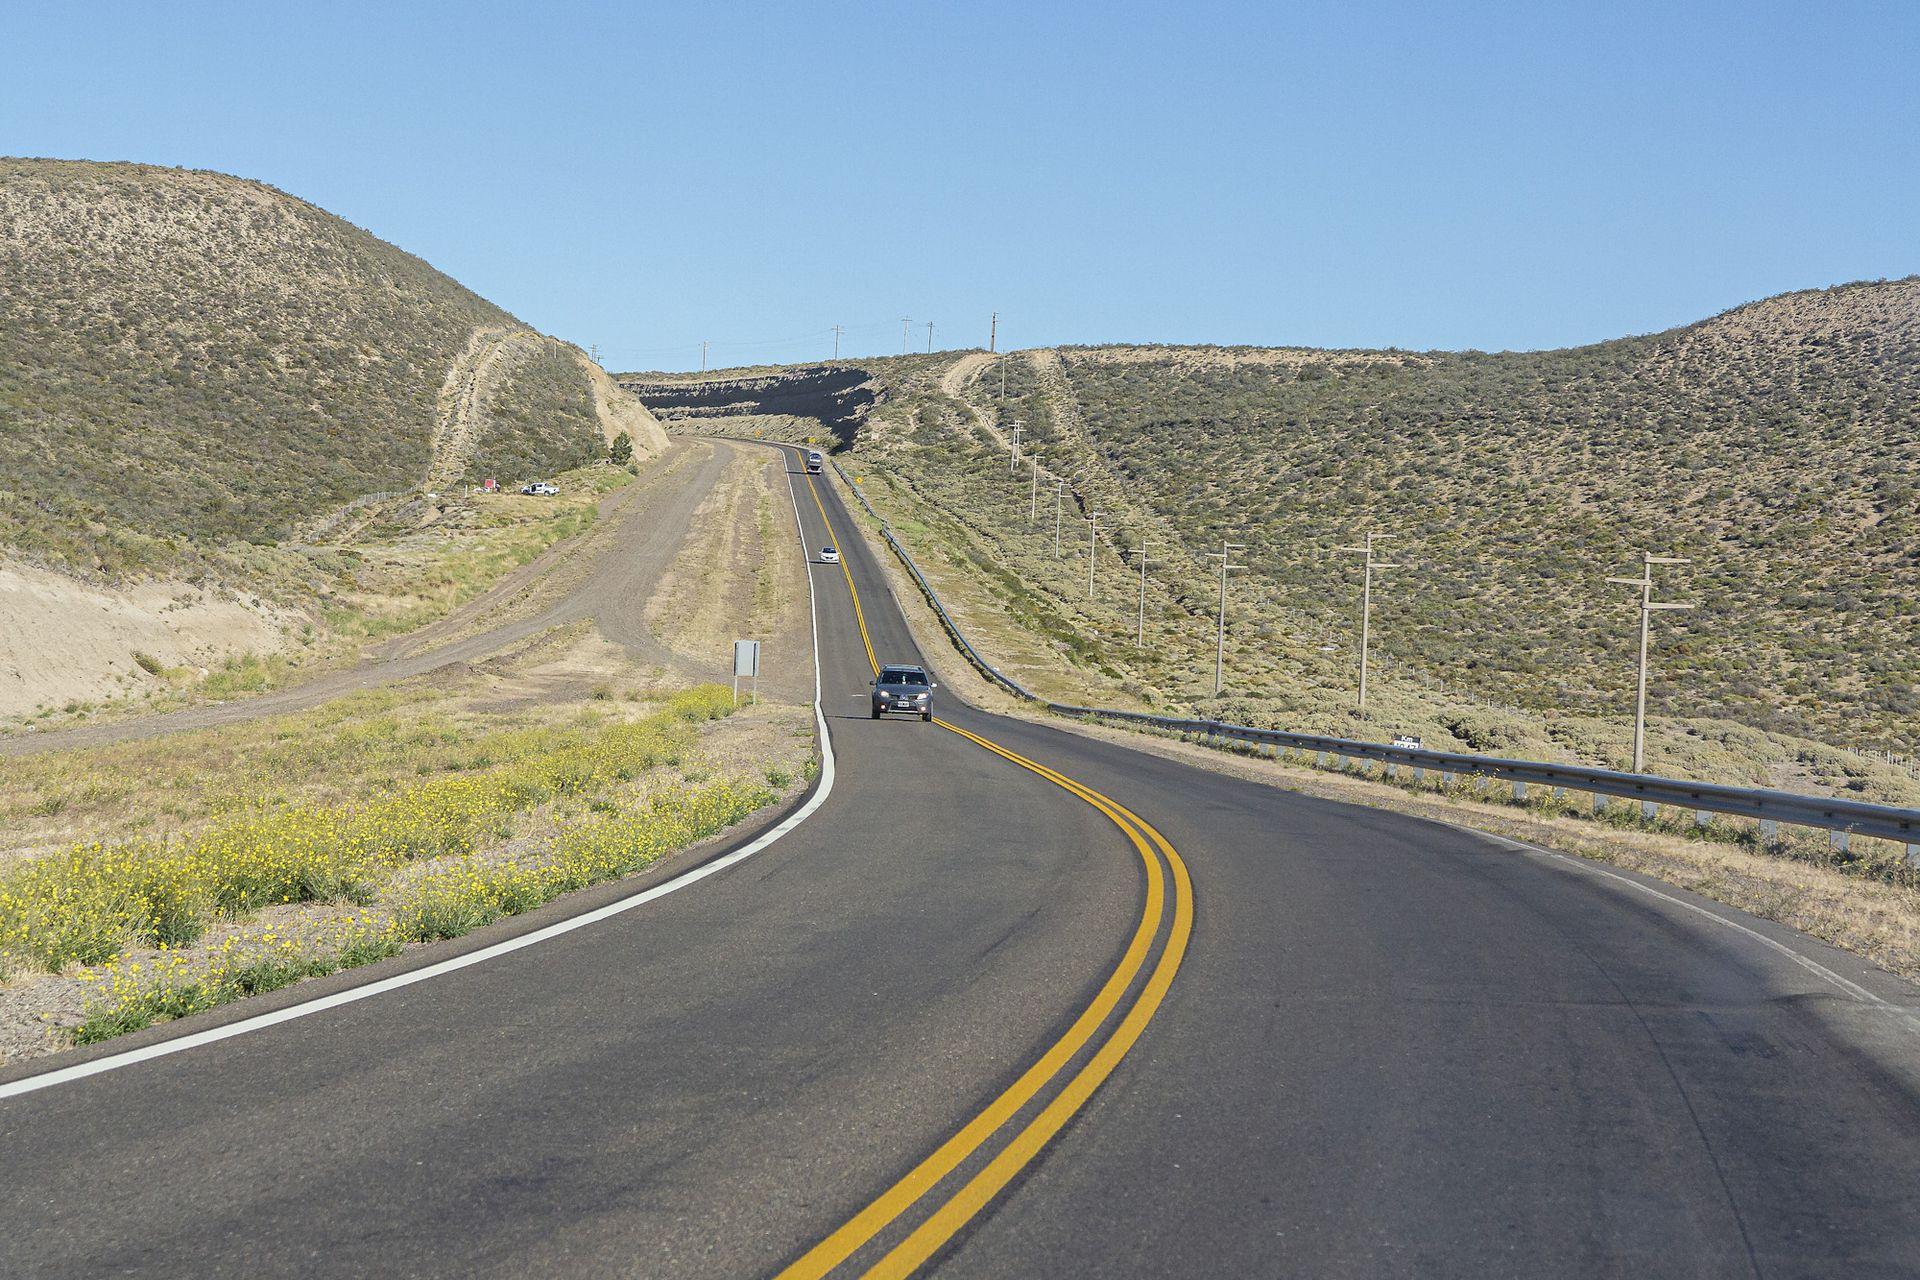 Los largos trayectos de las rutas patagónicas le implicaron un gran esfuerzo